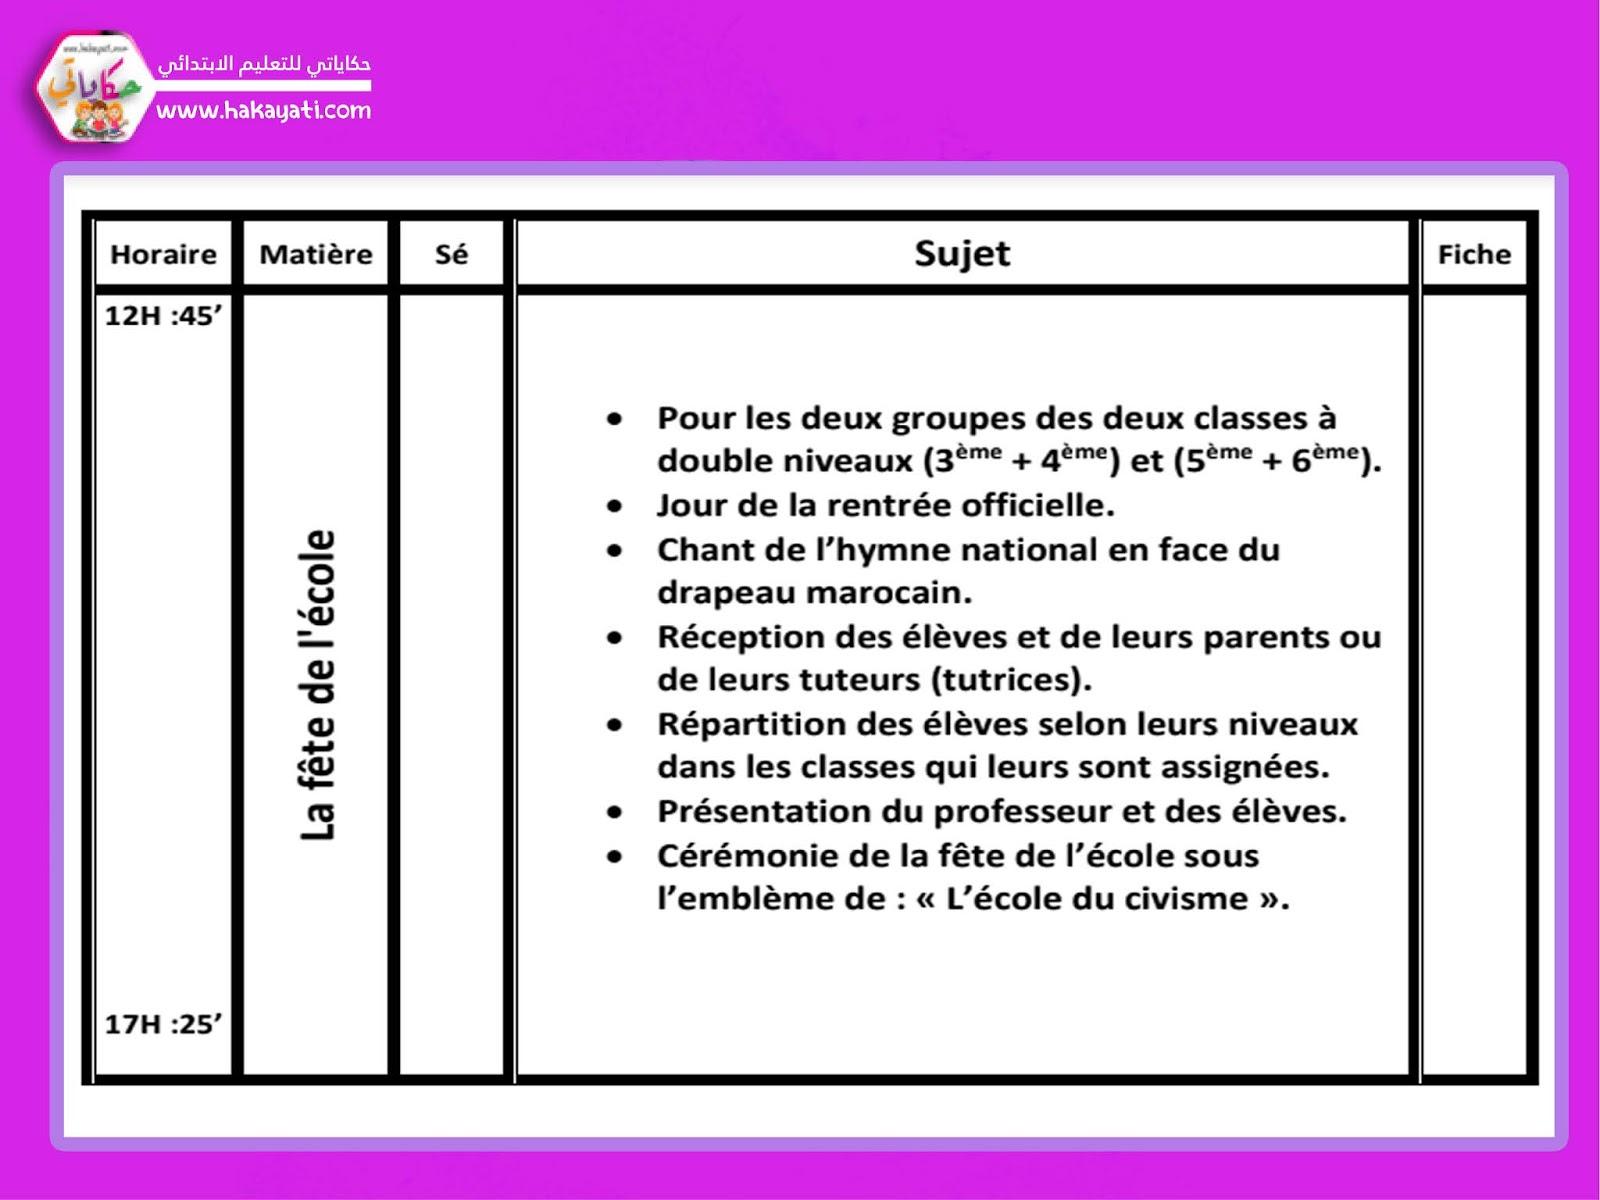 المذكرة اليومية لفترة التقويم التشخيصي شتنبر 2020 باللغة الفرنسية